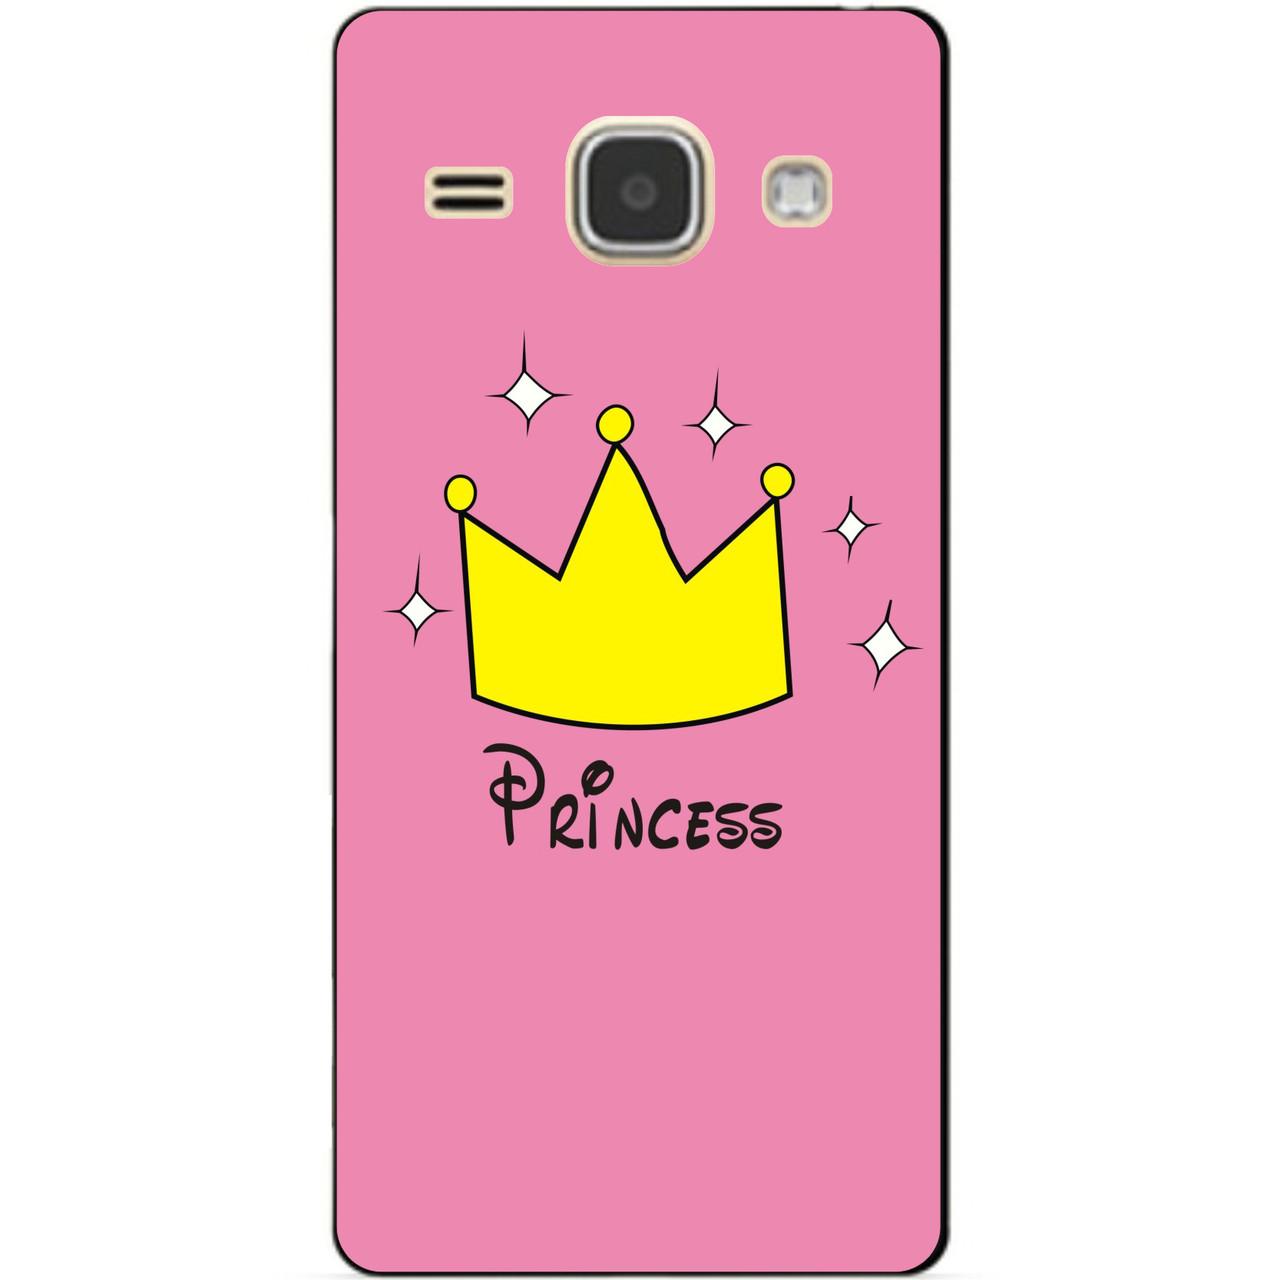 Чехол силиконовый бампер для Samsung J120 Galaxy J1-2016 с рисунком Принцесса